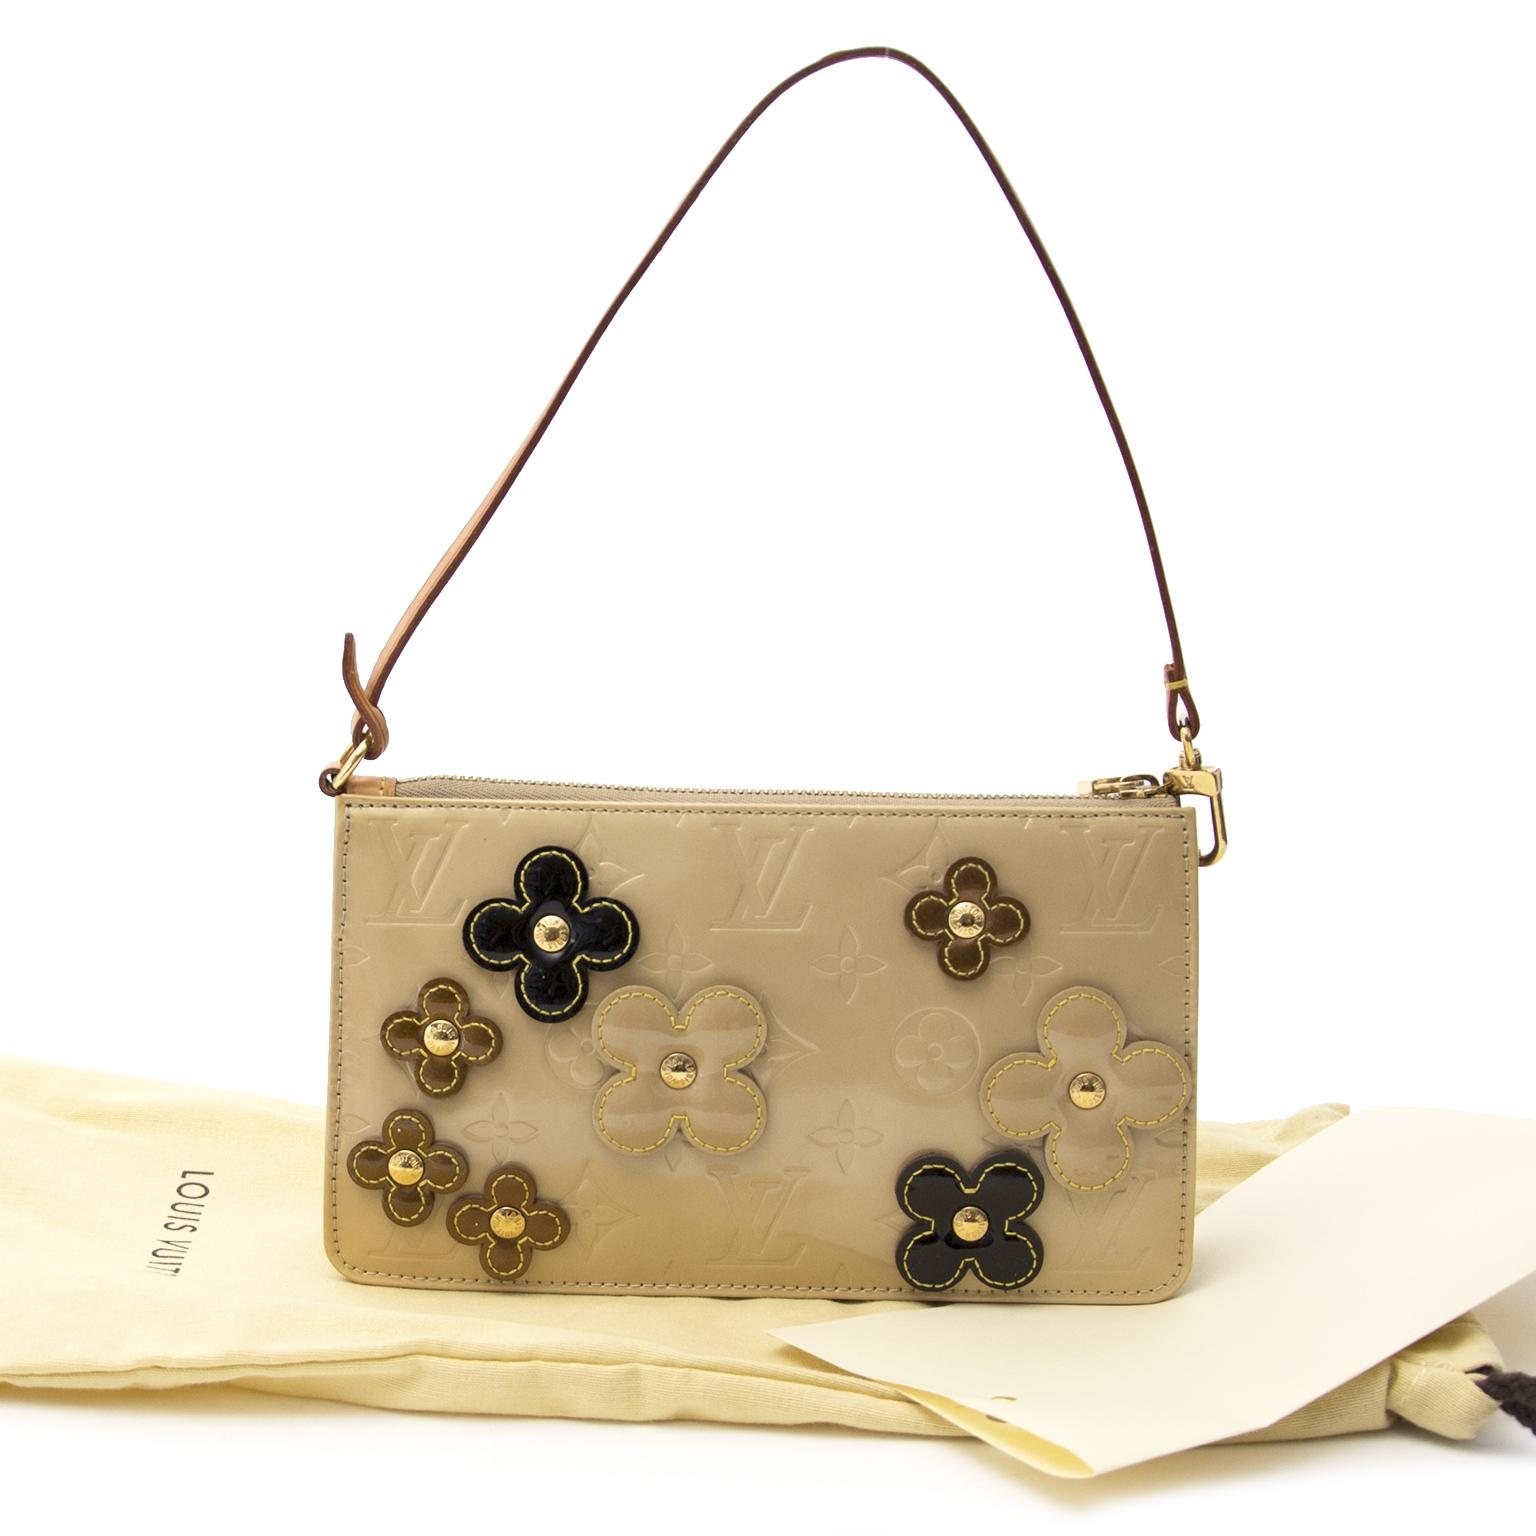 82cbdd1eeb99 ... koop veilig online tegen de beste prijs limited Louis Vuitton Beige  Lexington Fleurs Beige